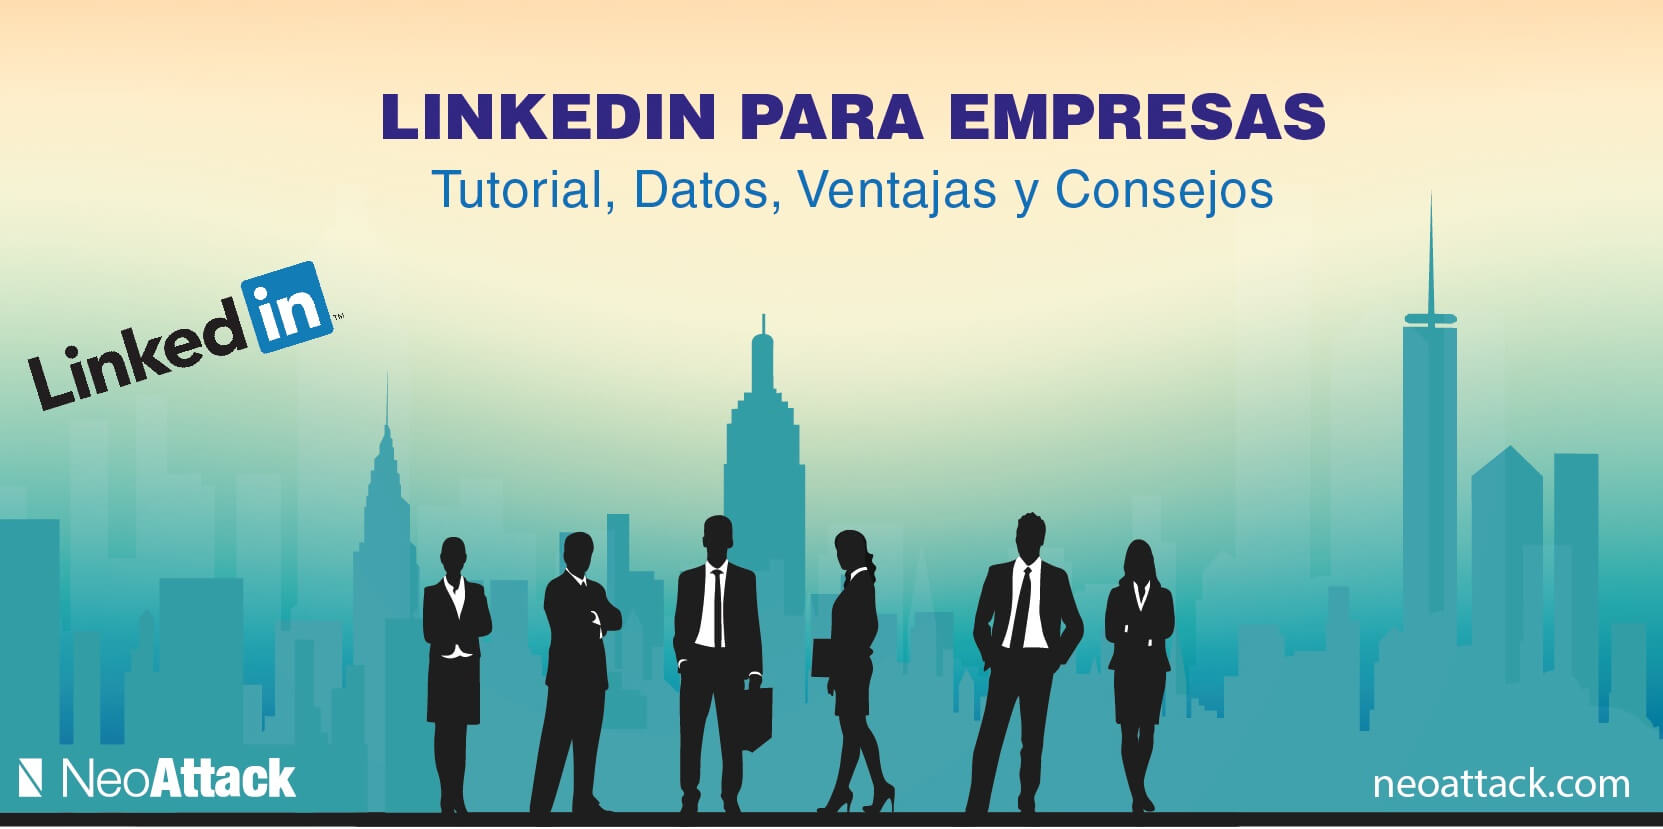 Qué es Linkedin para Empresas? MEGA Tutorial para Generar Negocio